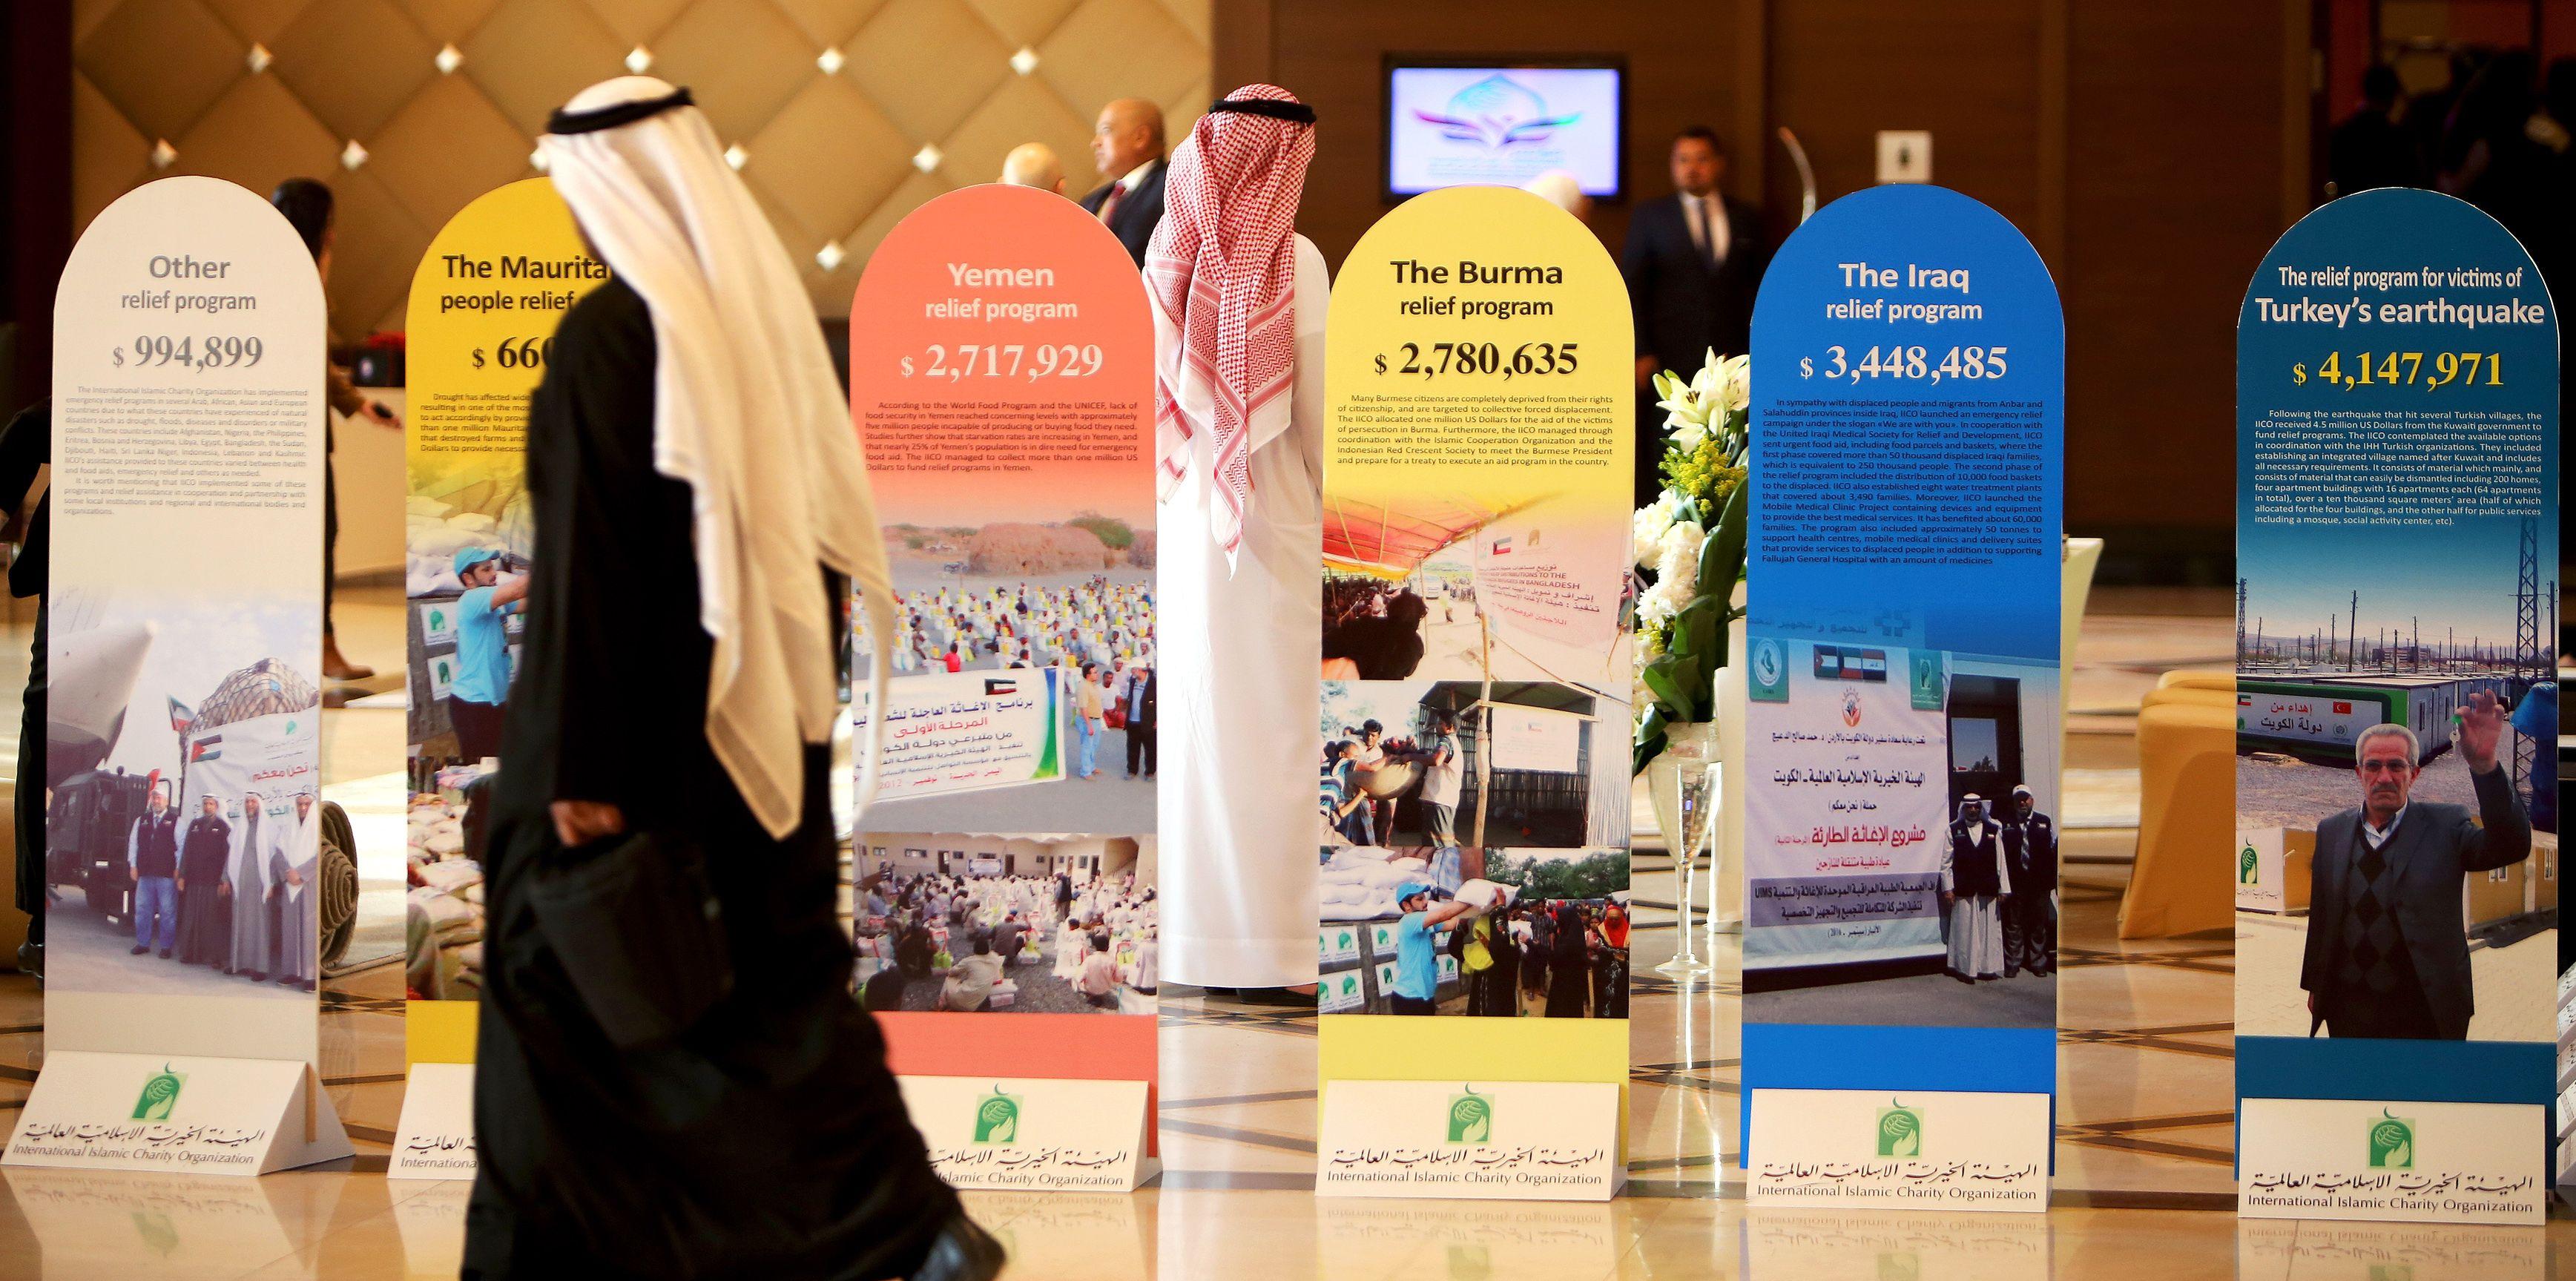 أروقة مقر انعقاد مؤتمر الكويت الدولى لإعادة اعمار العراق